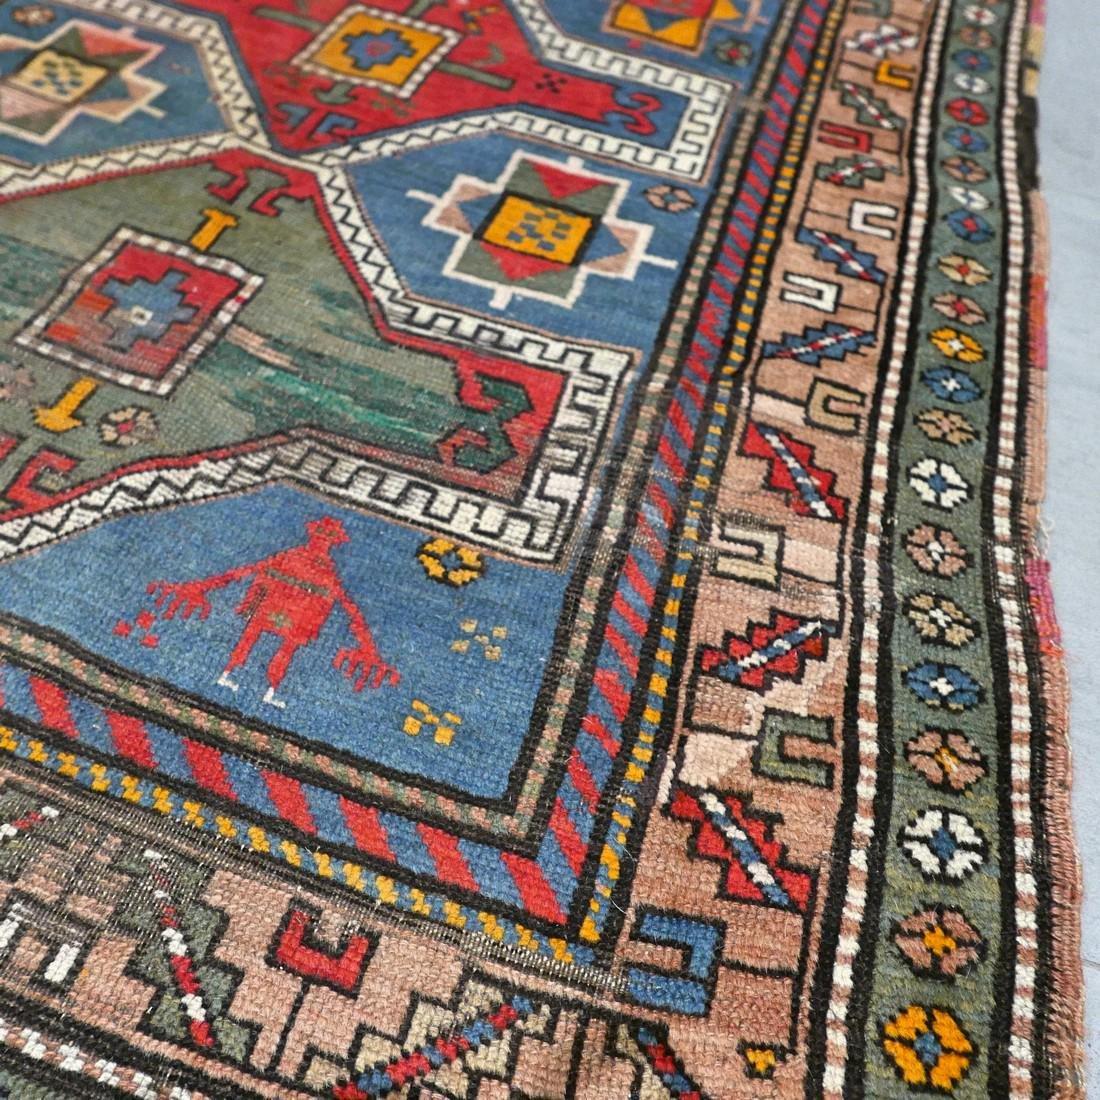 Antique Caucasian Kazak rug - 5.9 x 3.5 - collectors - 3